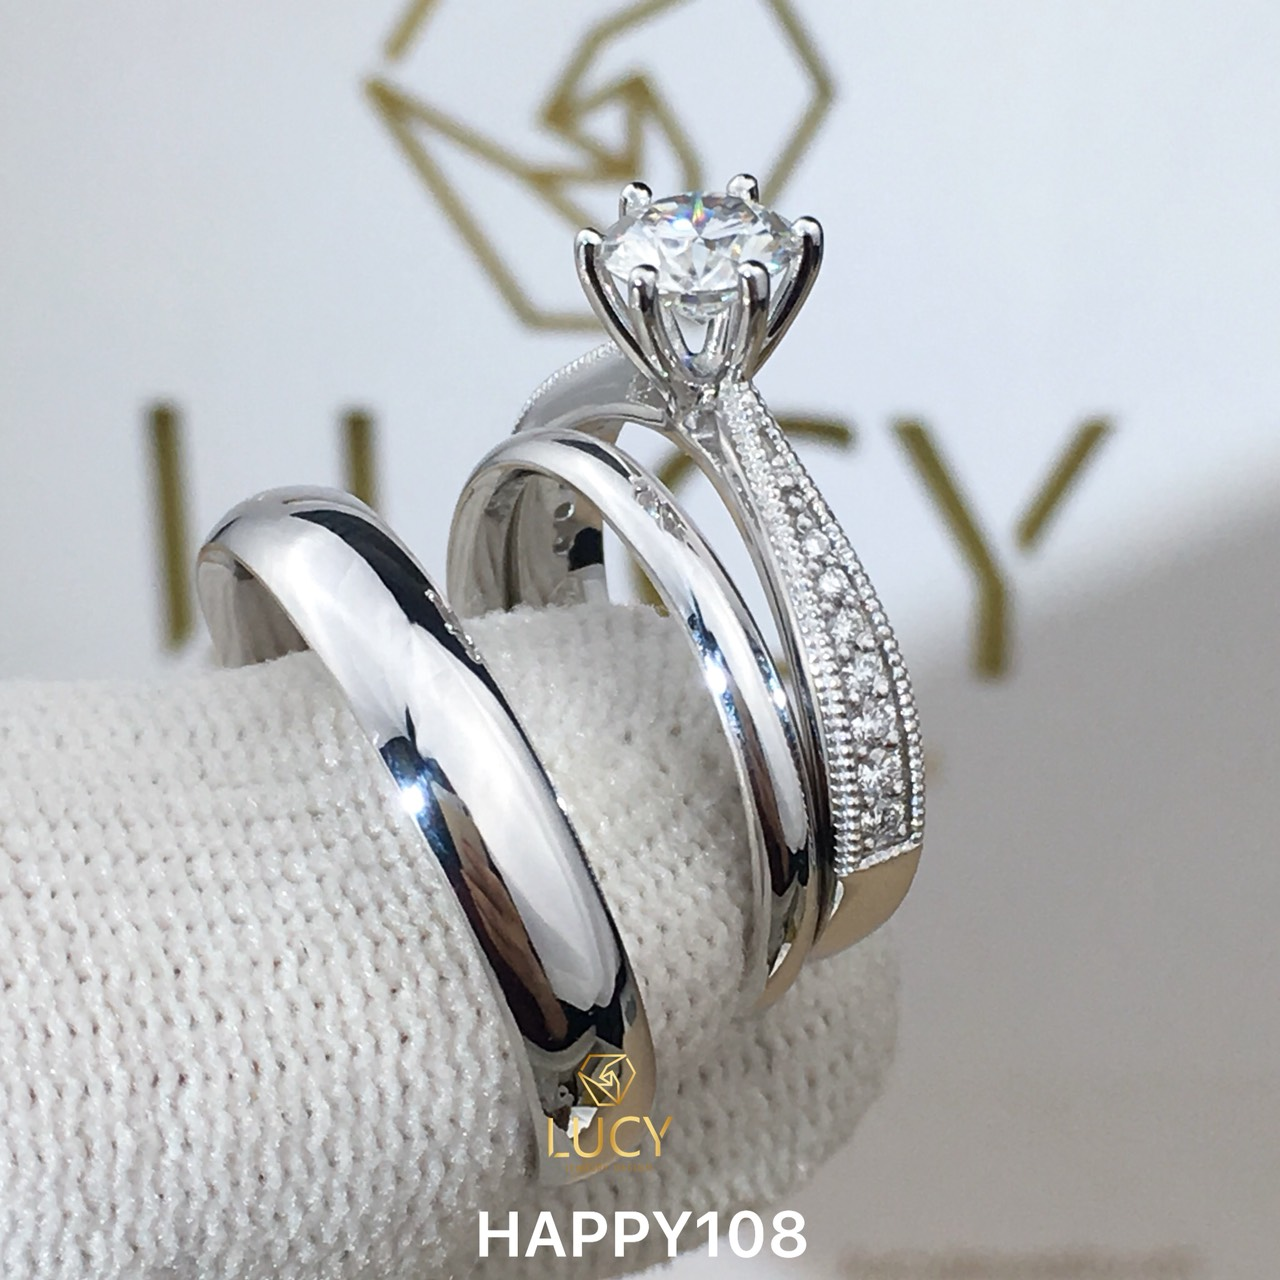 HAPPY108_PT Nhẫn cưới bạch kim cao cấp Platinum 90% PT900 - Lucy Jewelry